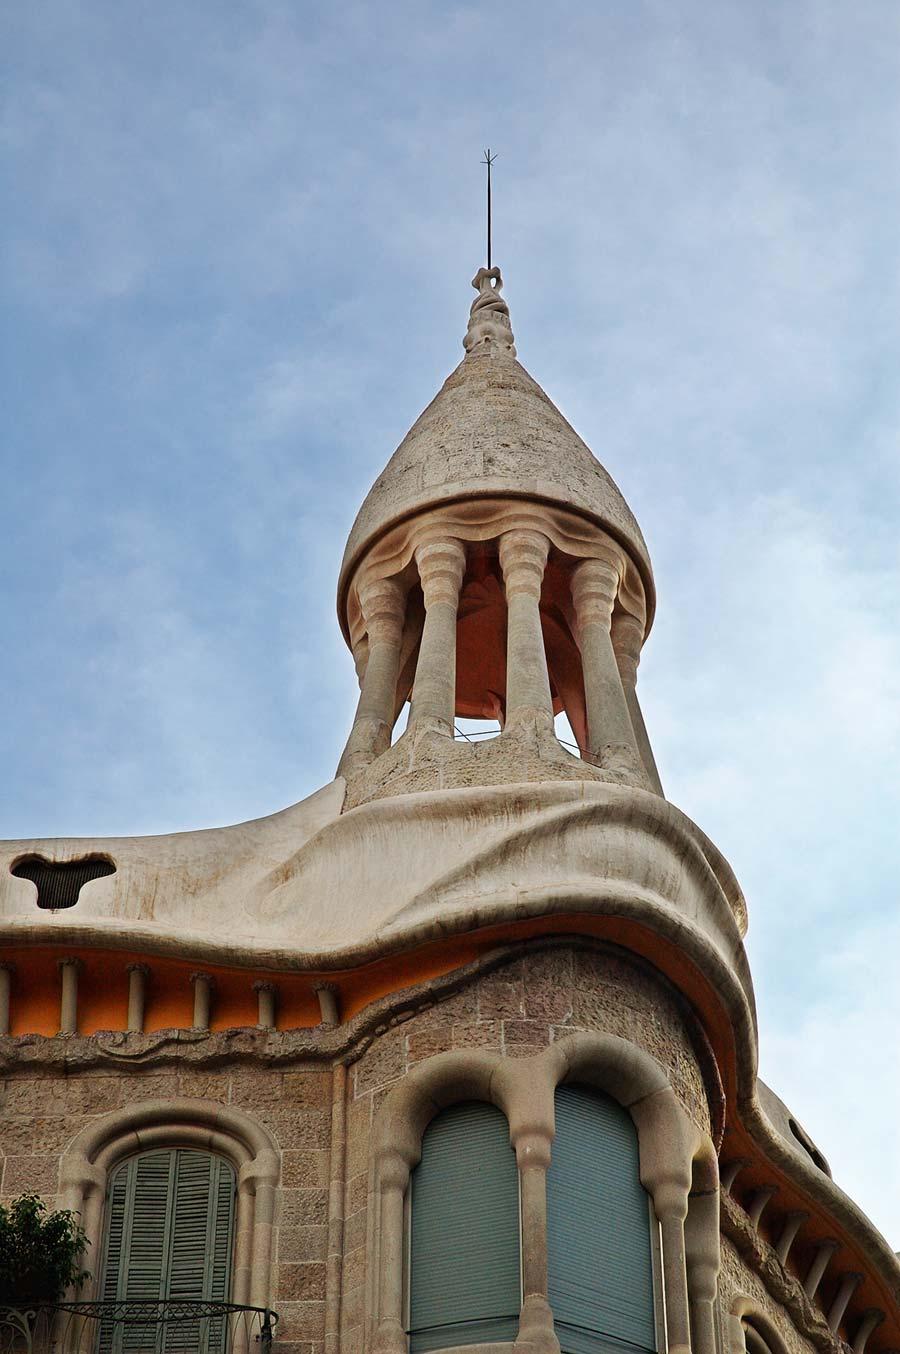 Casa Sayrach: An Art Nouveau Fantasy in Barcelona